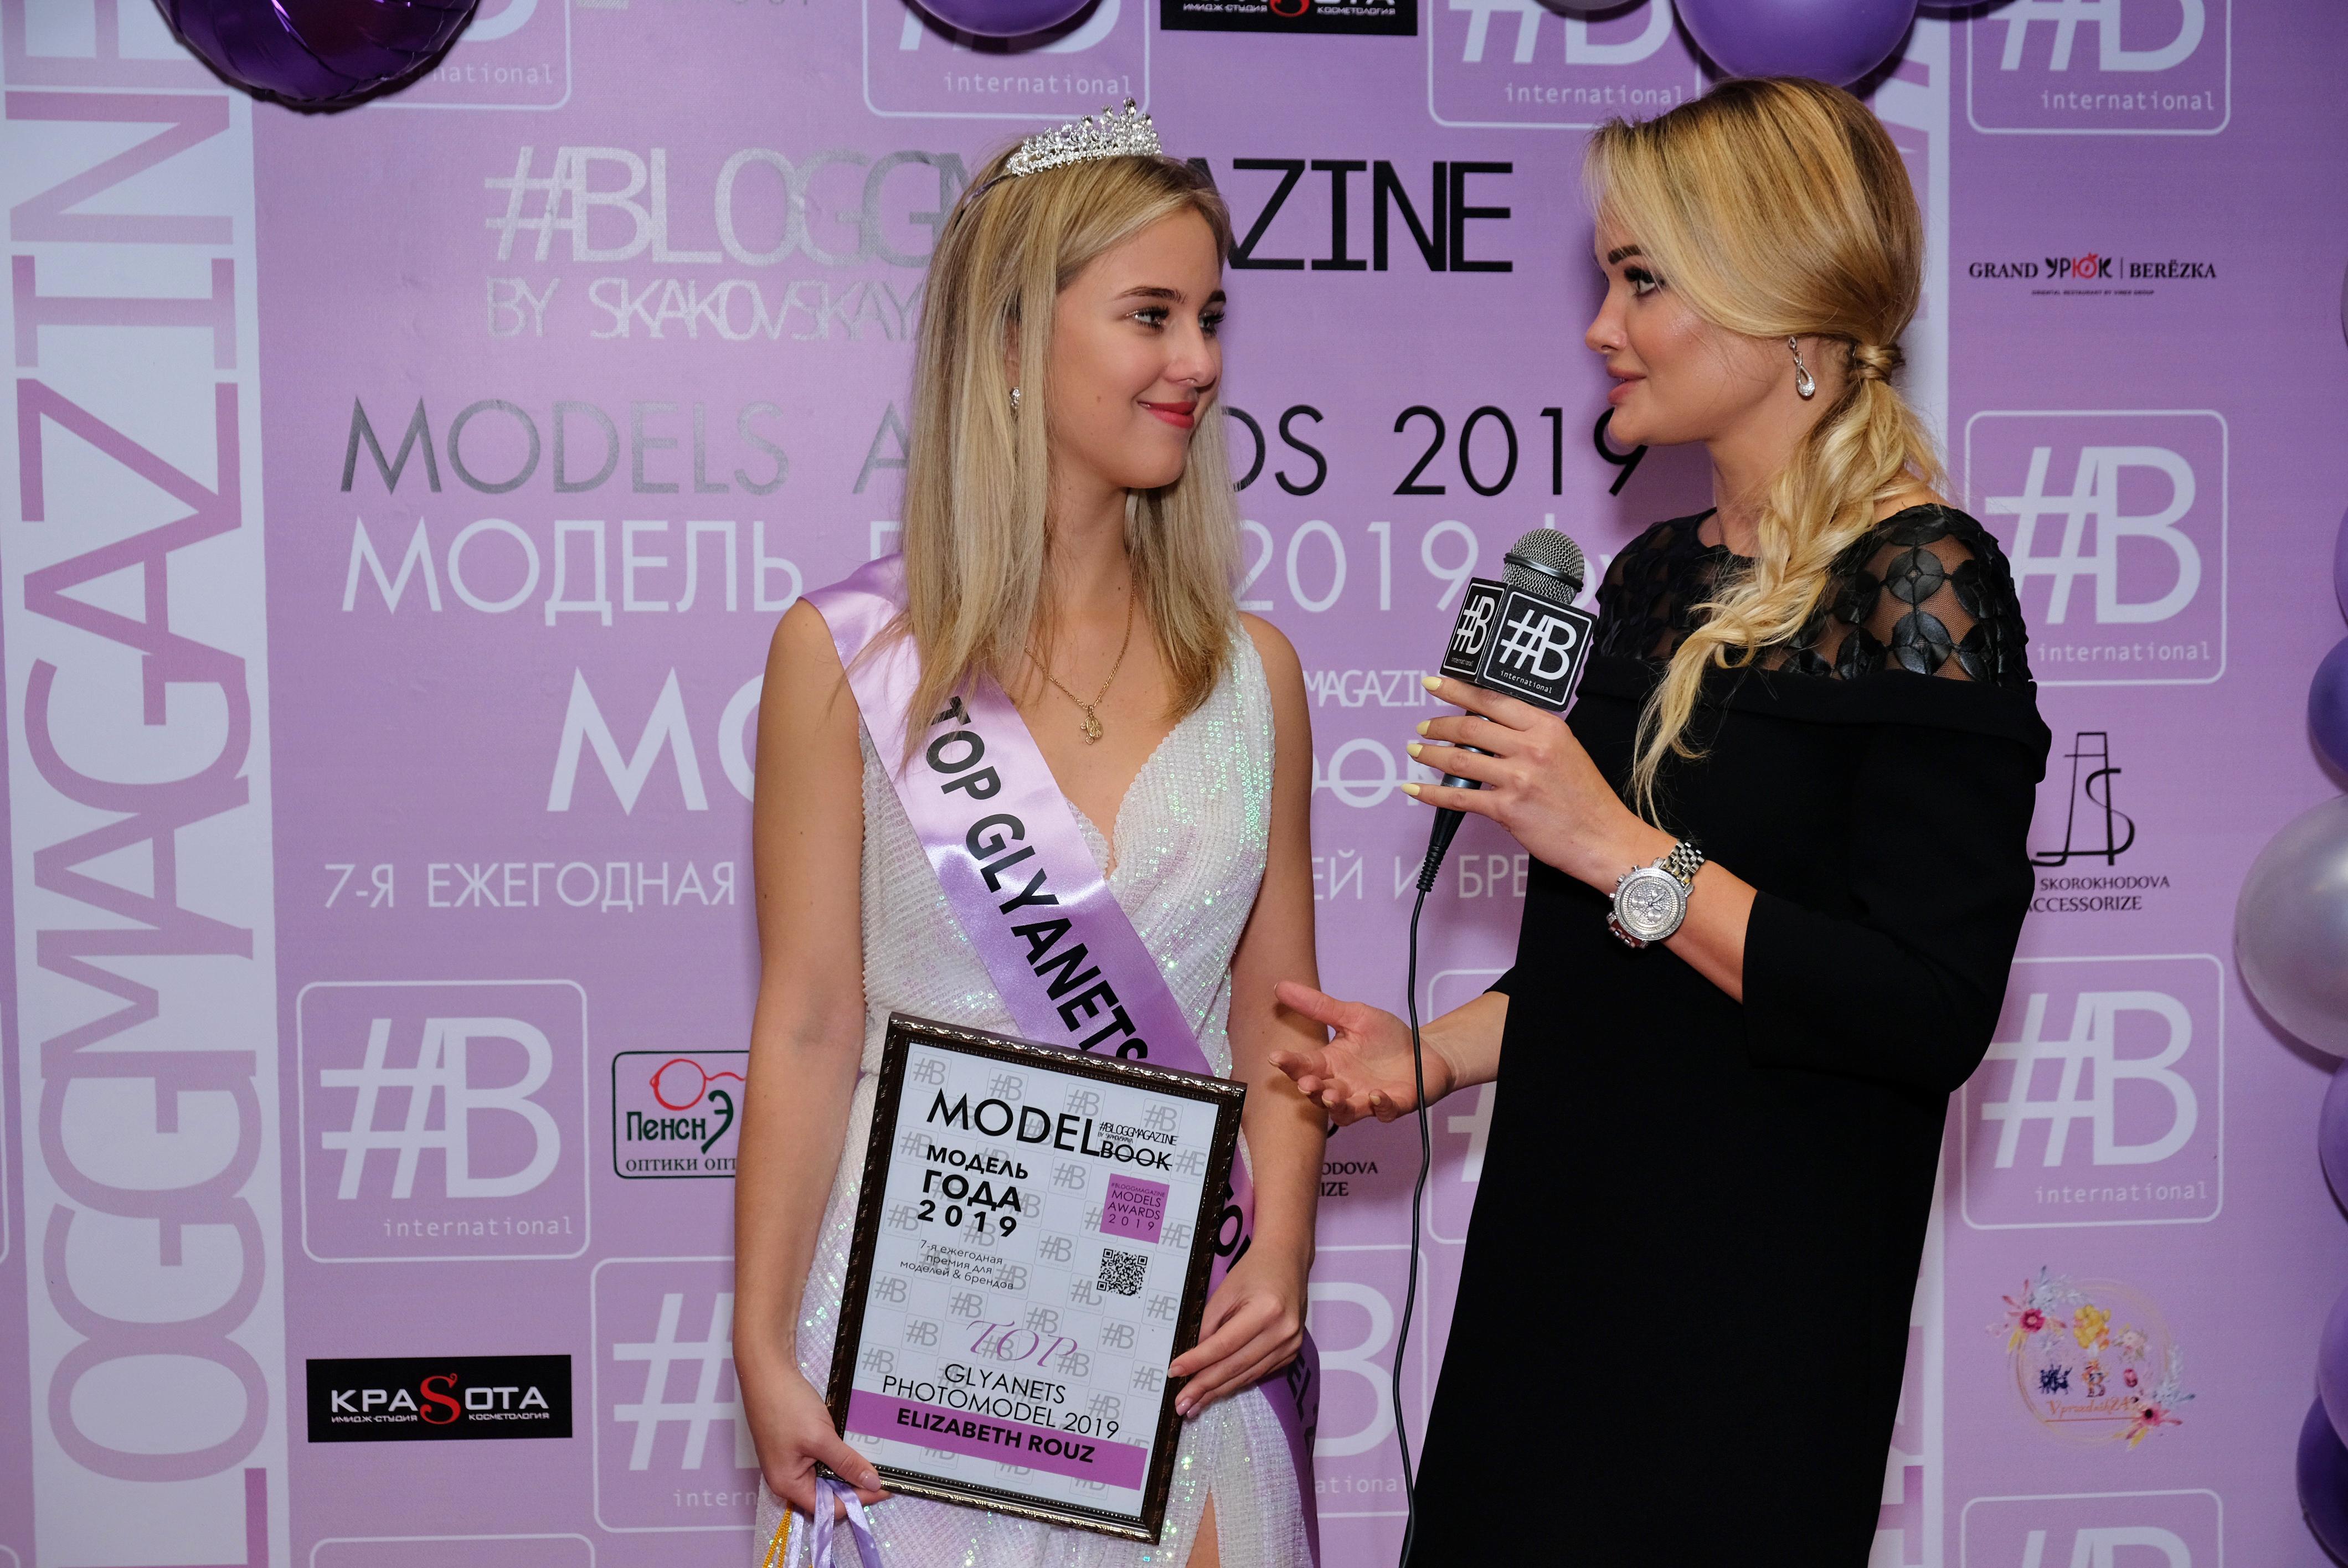 bloggmagazine_models_awards2019_14